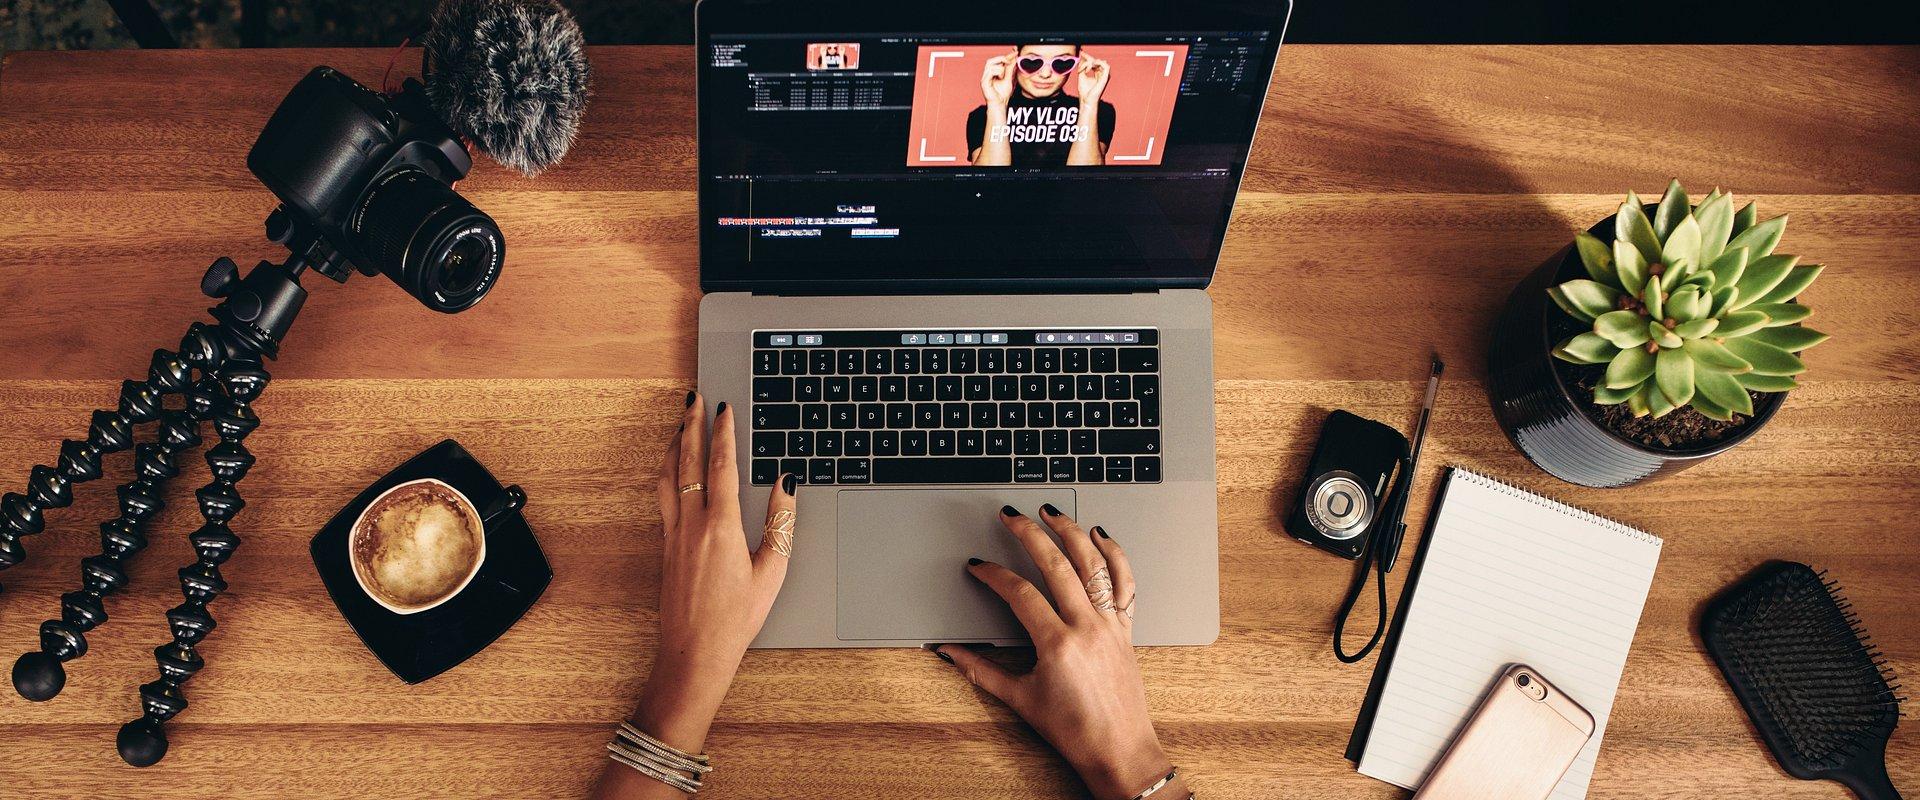 Fascynuj, angażuj, pomagaj, czyli kilka słów o content marketingu